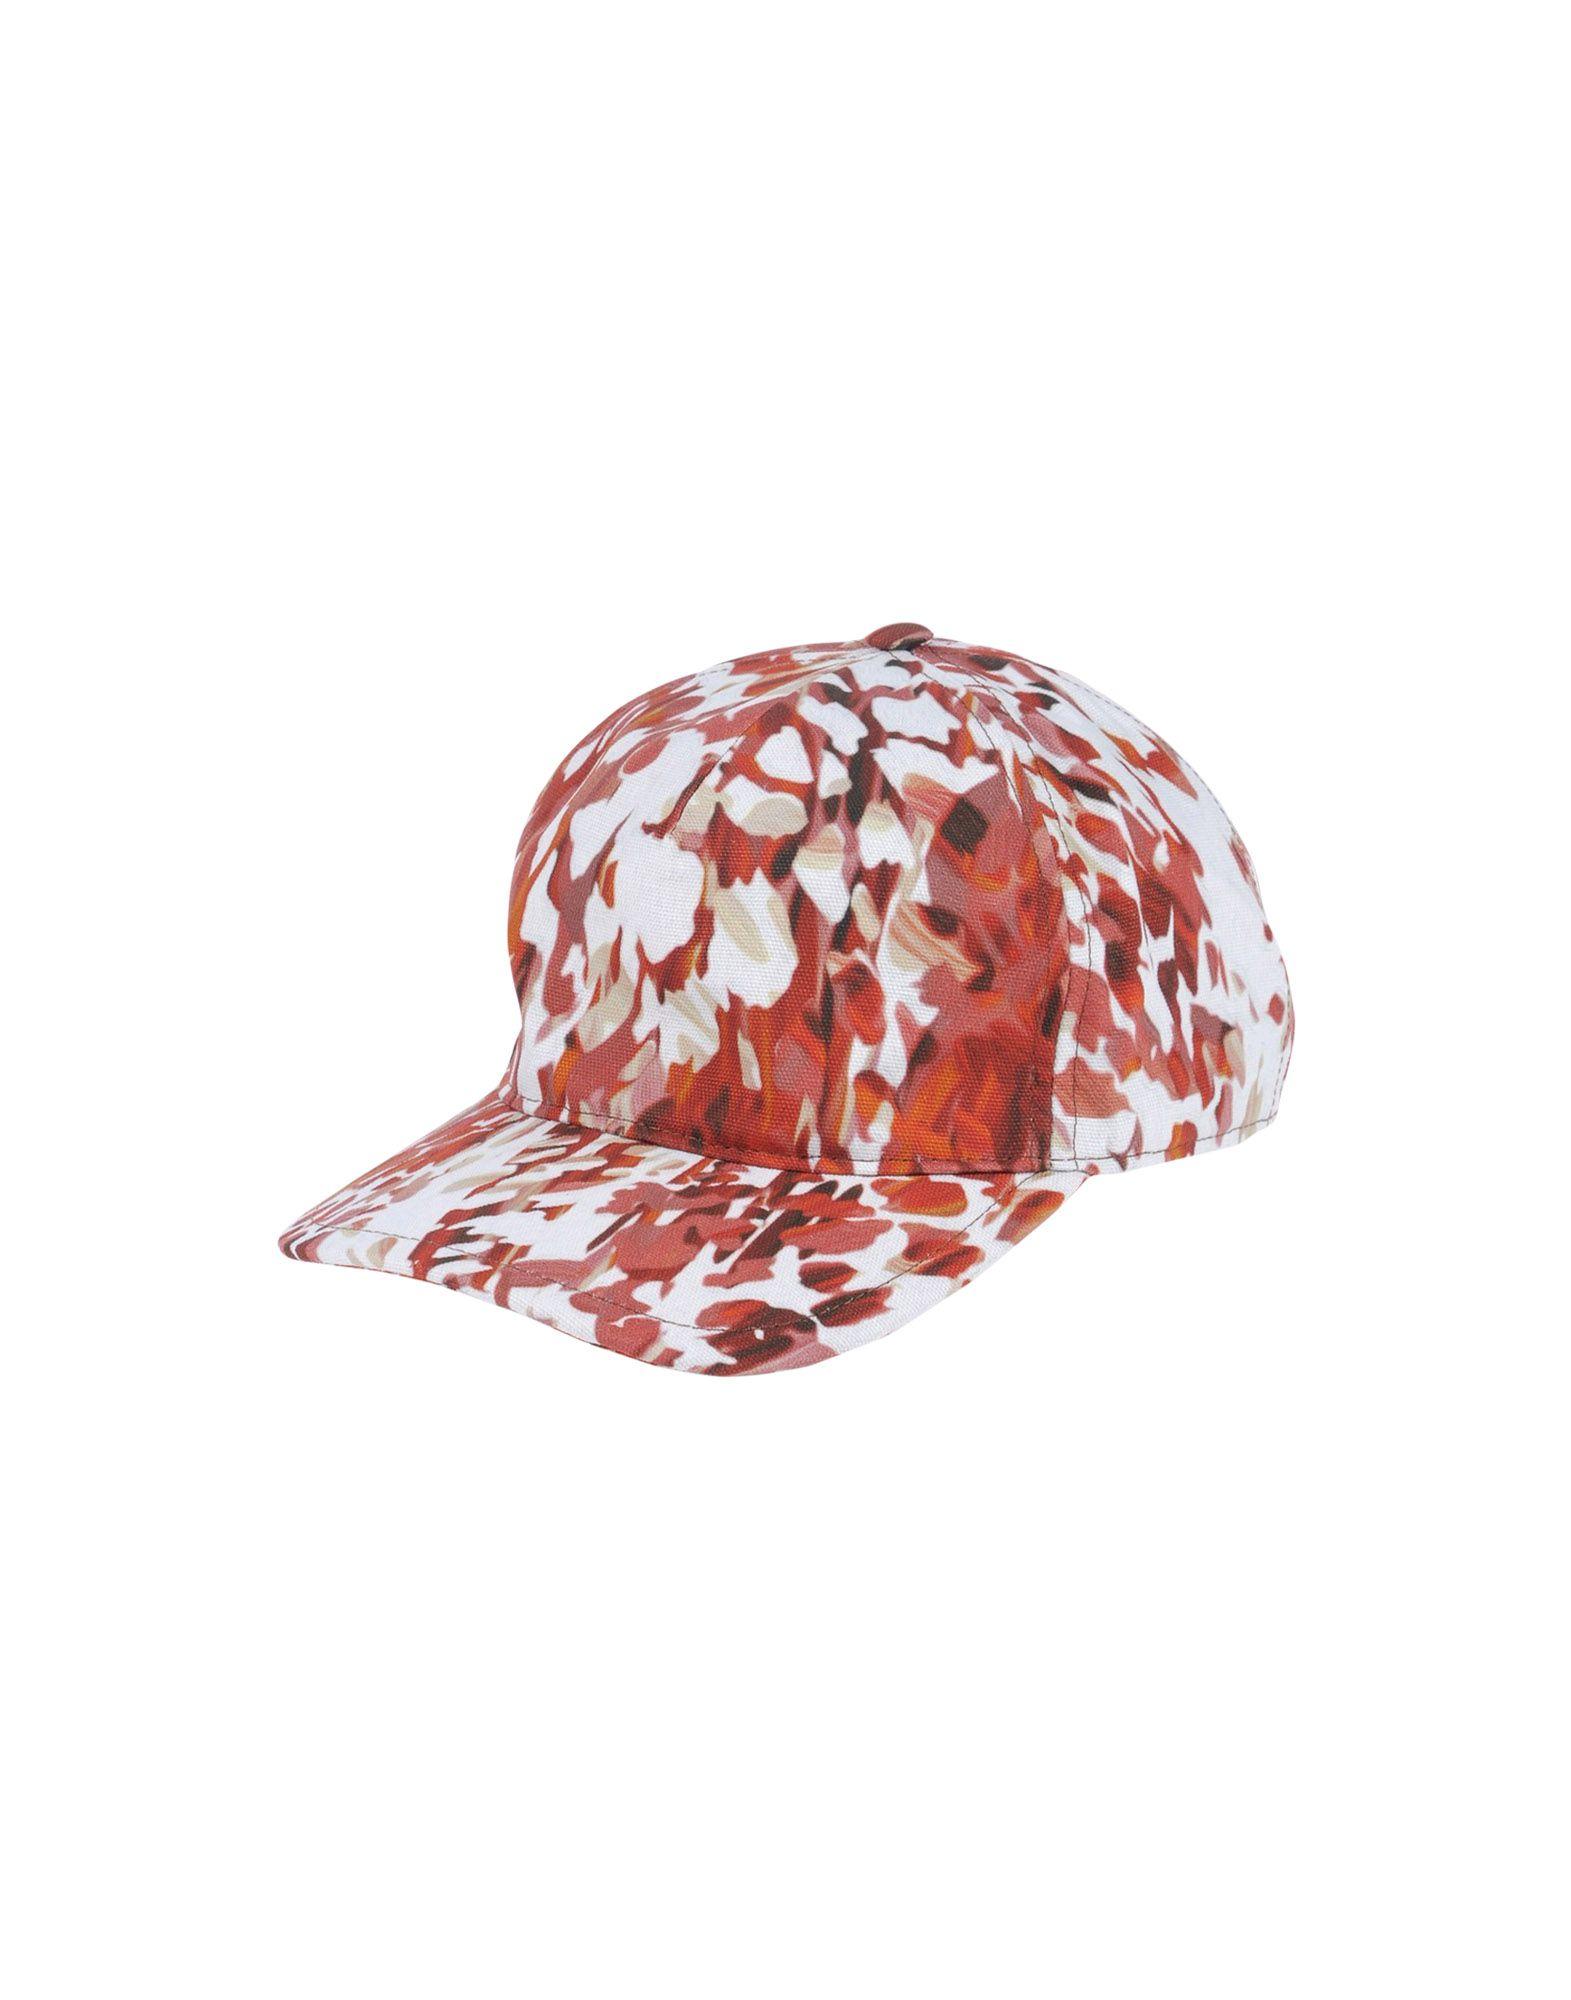 《送料無料》JUST CAVALLI メンズ 帽子 赤茶色 L コットン 100%